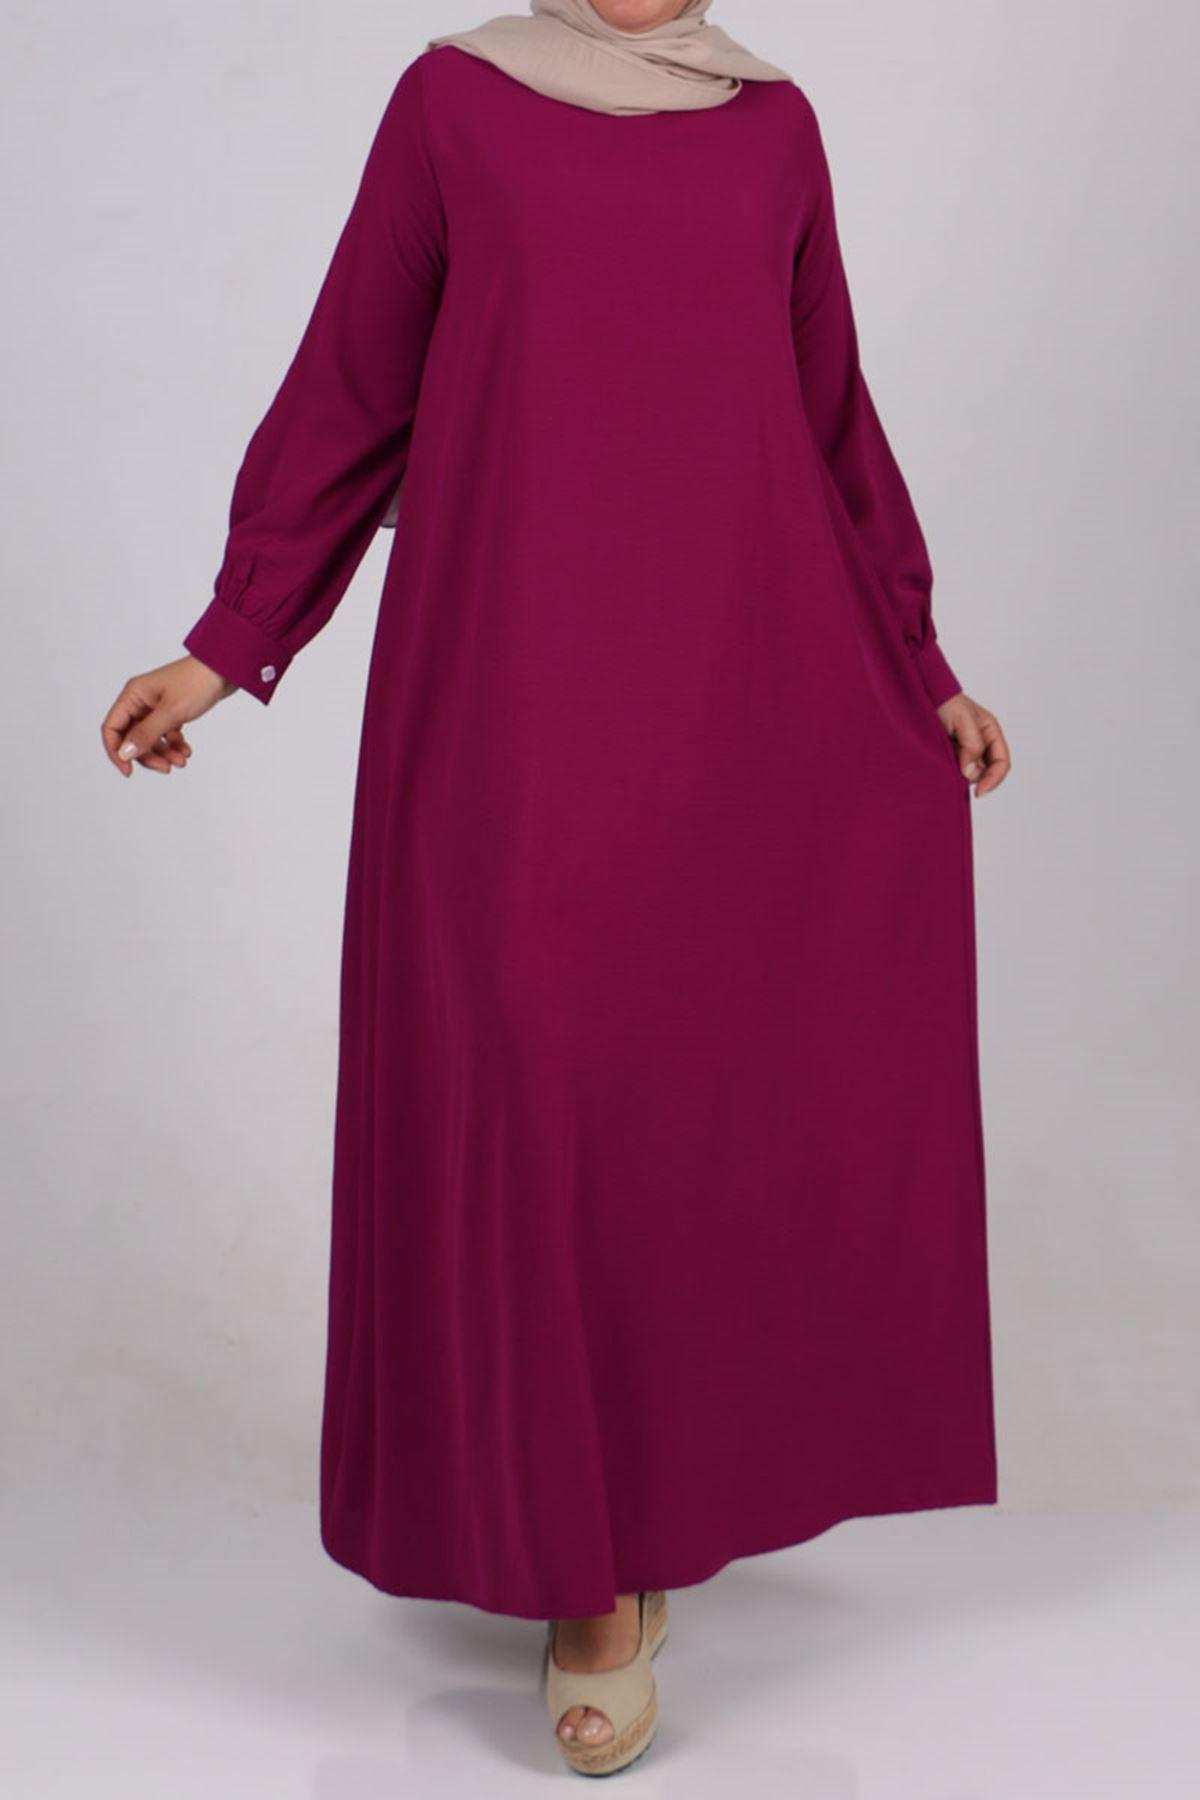 2102 Büyük Beden Airobin Elbise - Mürdüm